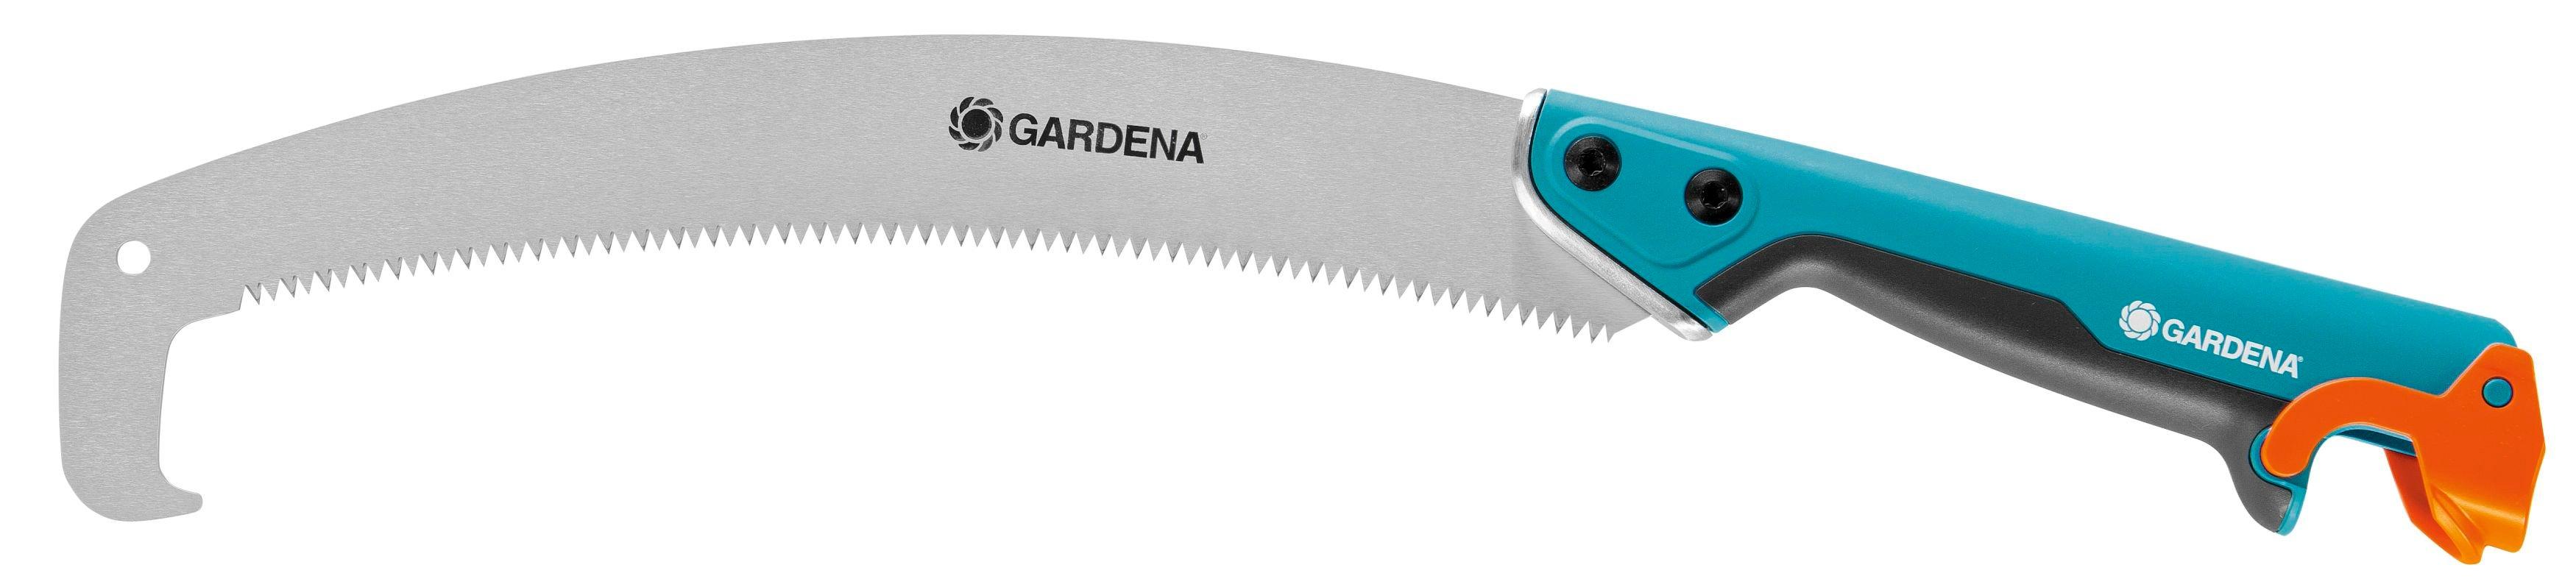 Пила садовая Gardena 300 pp (08738-20.000.00)